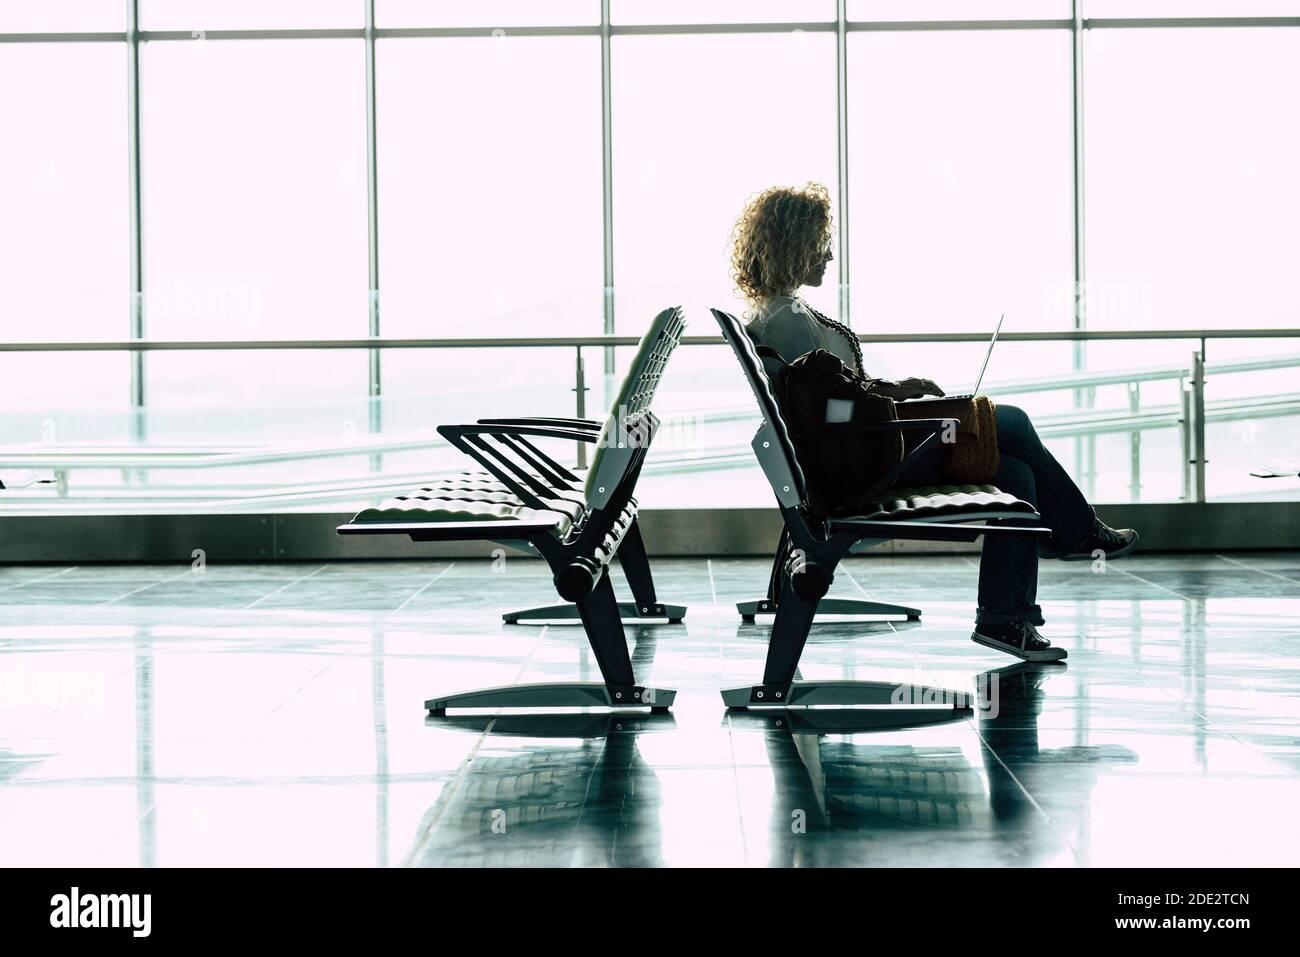 Viaggi e lavoro on-line persone di lavoro al cancello aeroporto - donna siediti e aspetta il suo volo con computer portatile in modalità smart working o nomade digitale Foto Stock